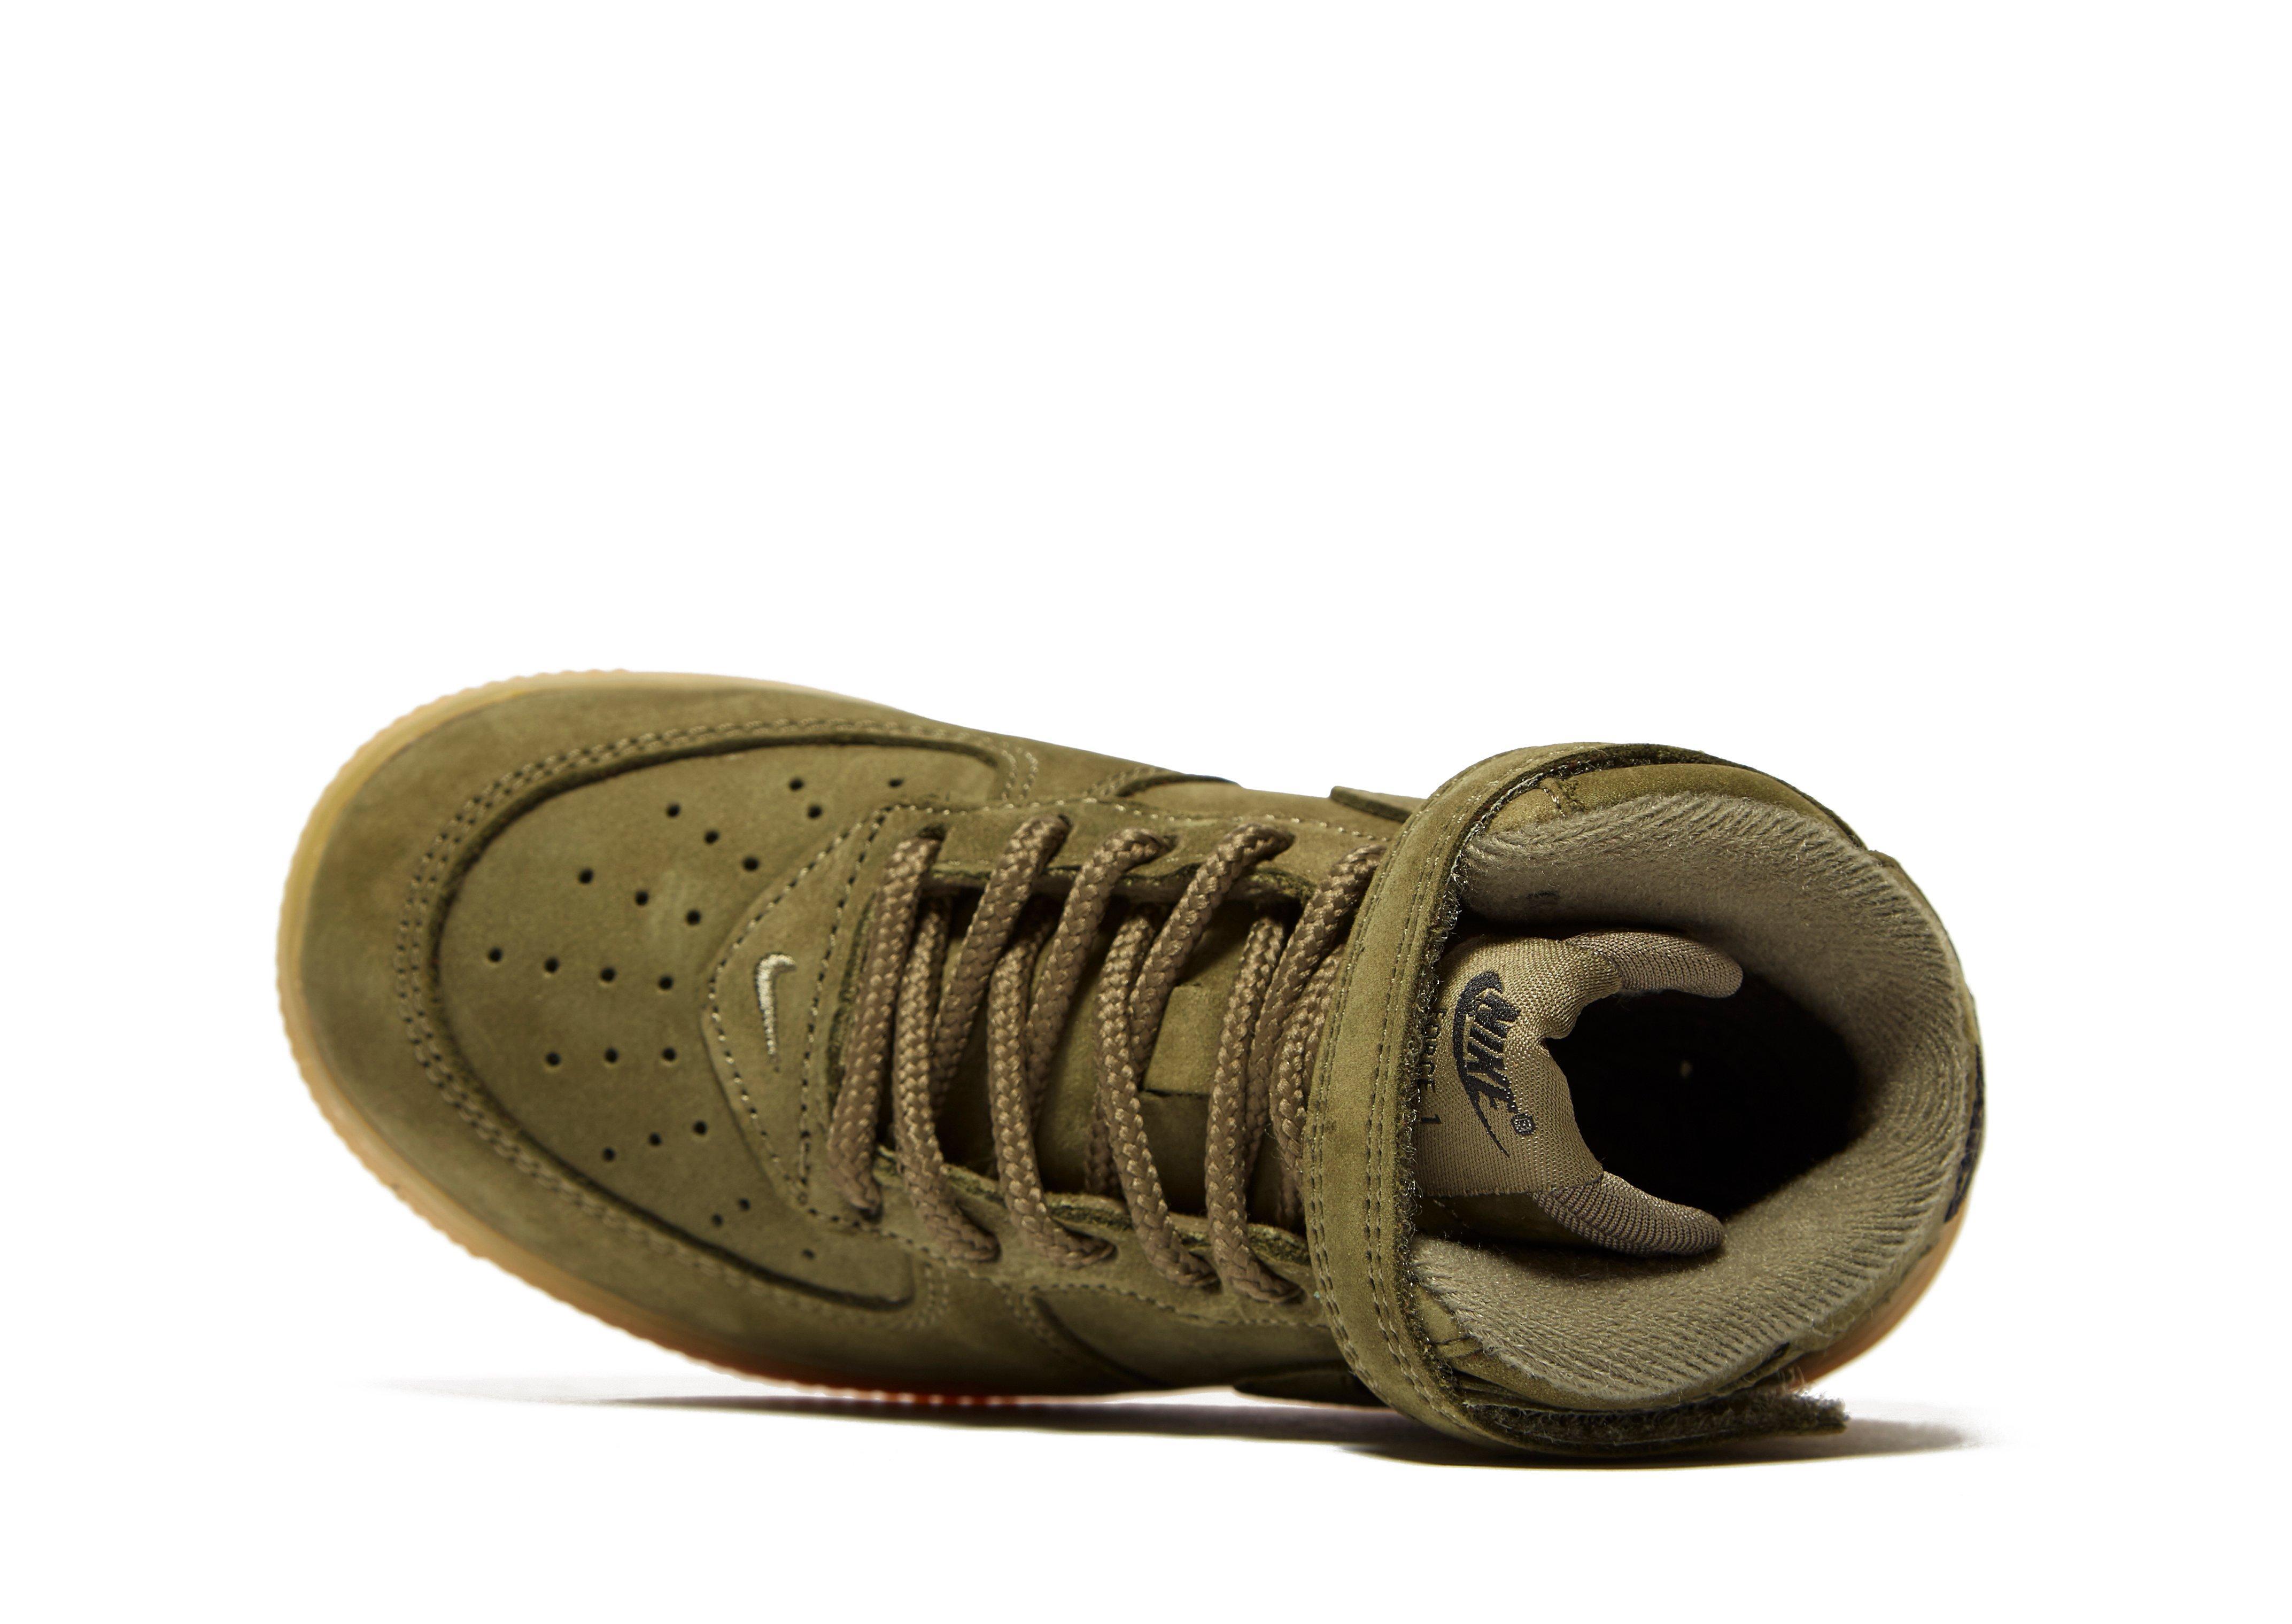 amazone Footaction Nike Air Force 1 Tylenol Haute Bébé Wb excellent Finishline sortie pas cher explorer vHVAA